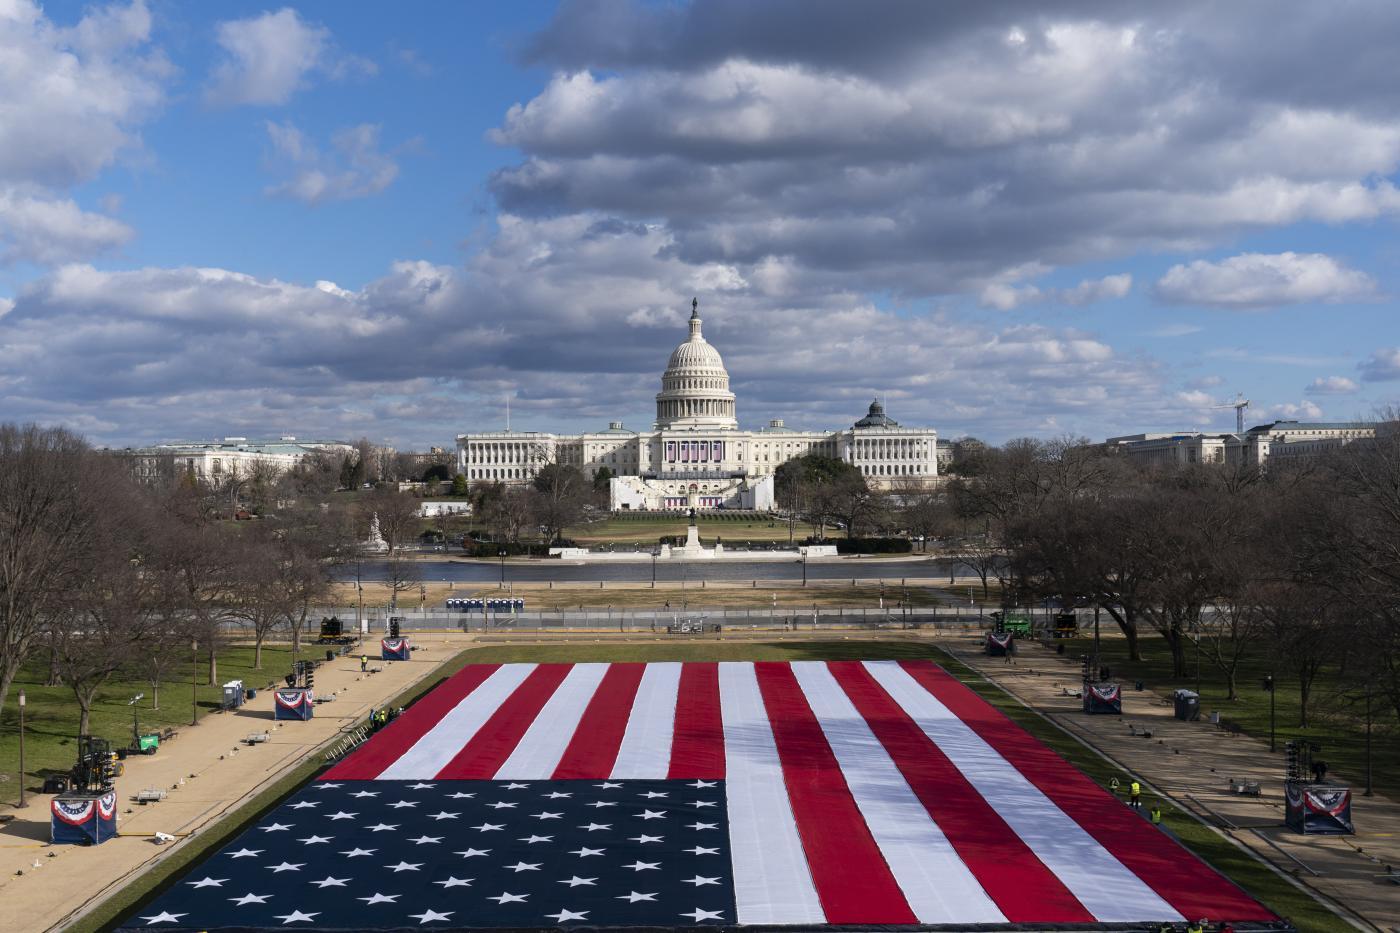 """ایالات متحده در انتظار """"یک روز روی کار آمدن"""" است: ترس از حمله ماموران امنیتی"""